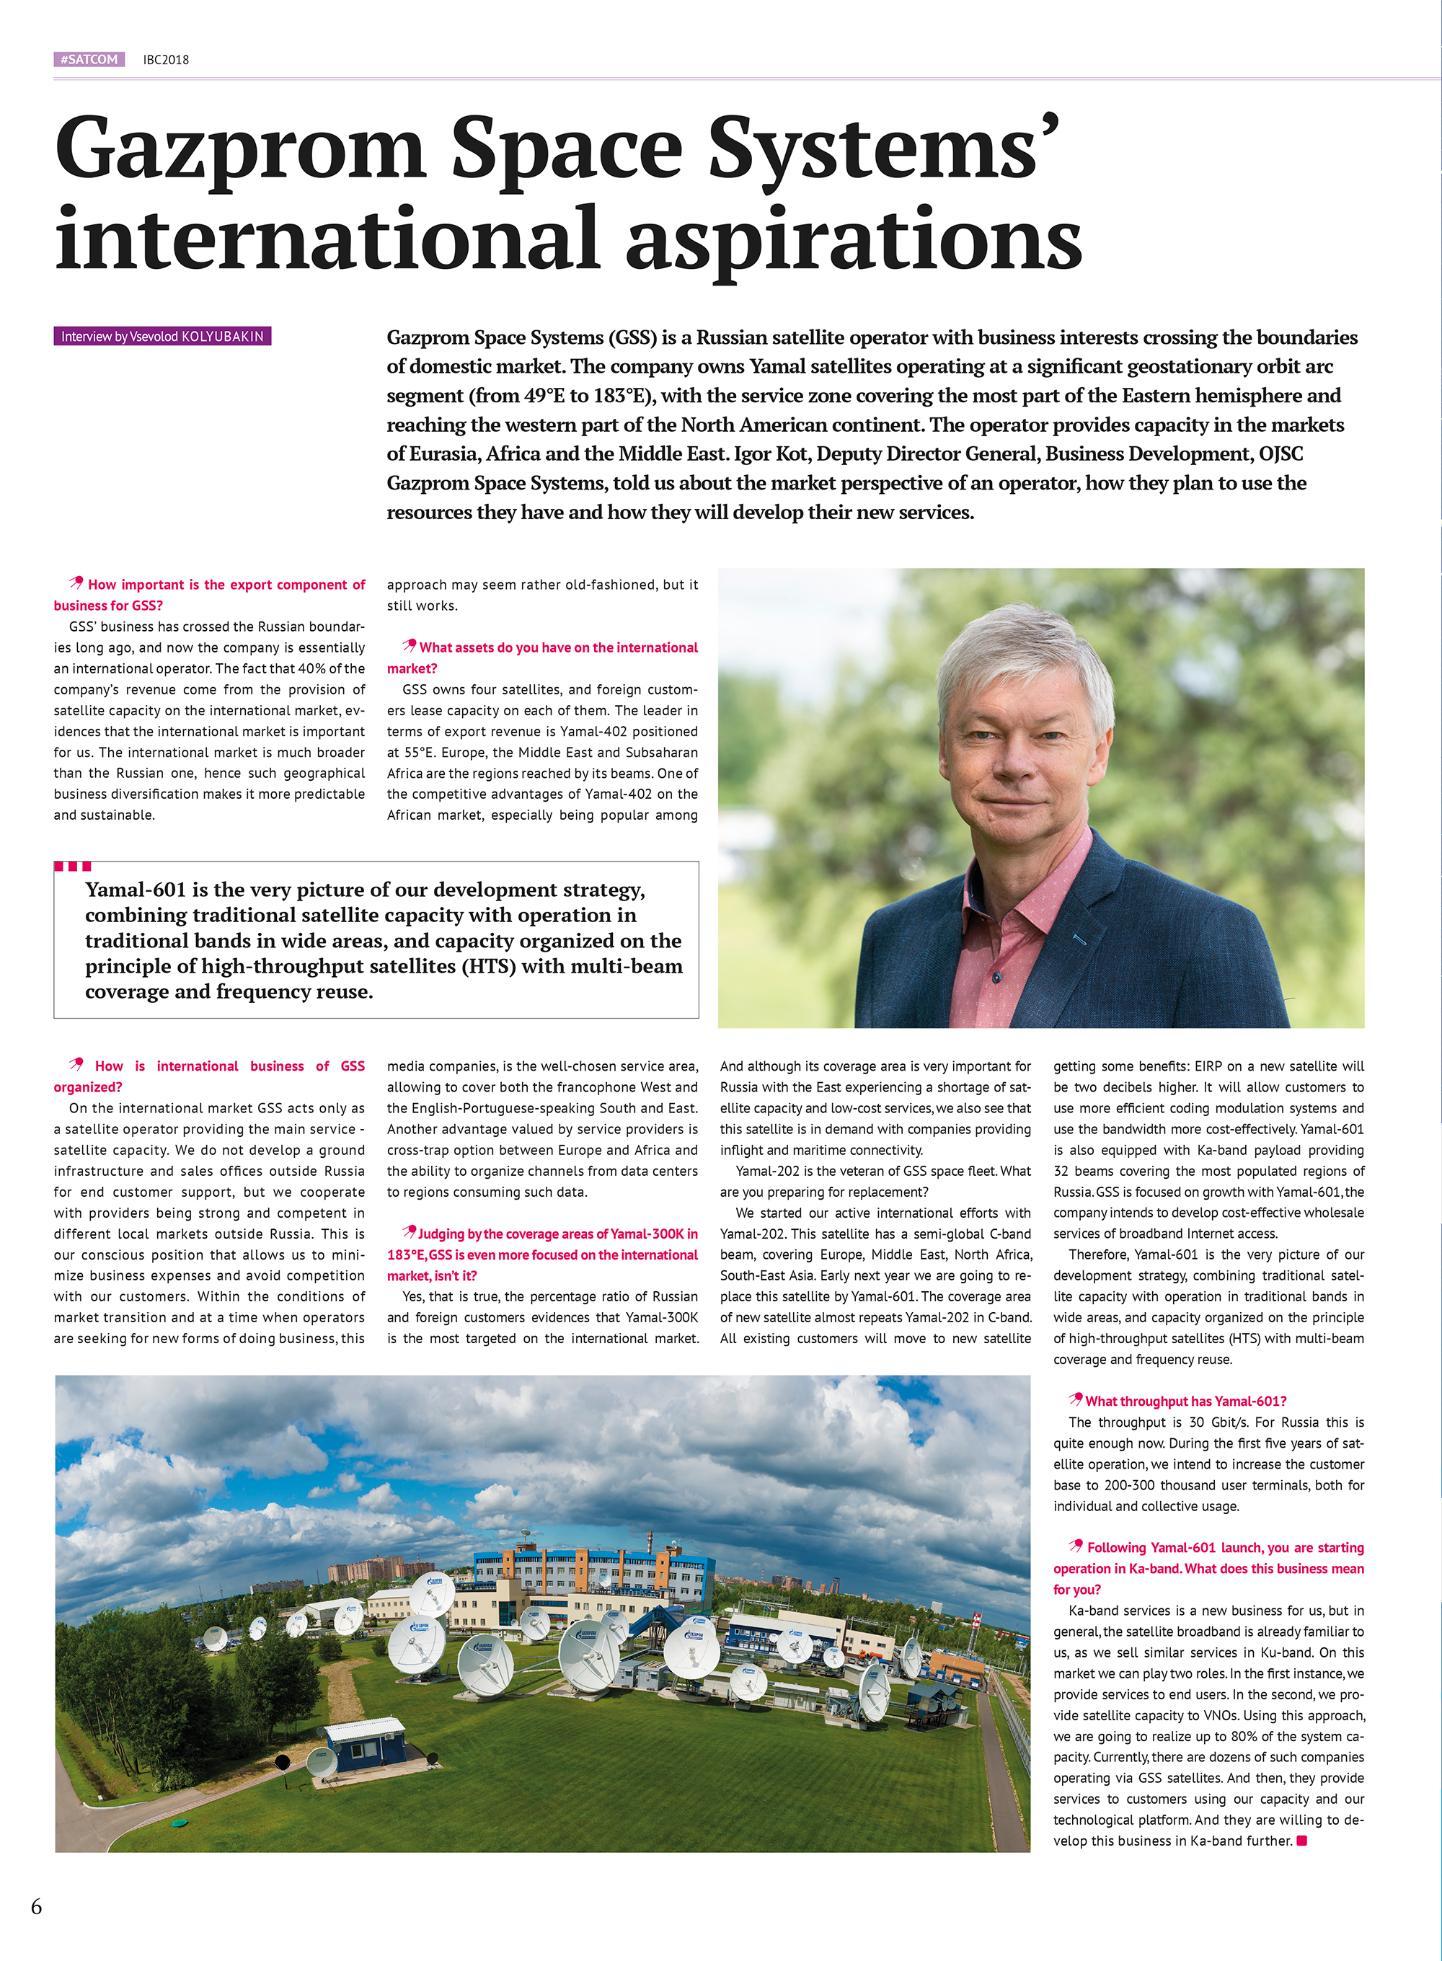 Gazprom Space Systems / News / Gazprom Space Systems' international